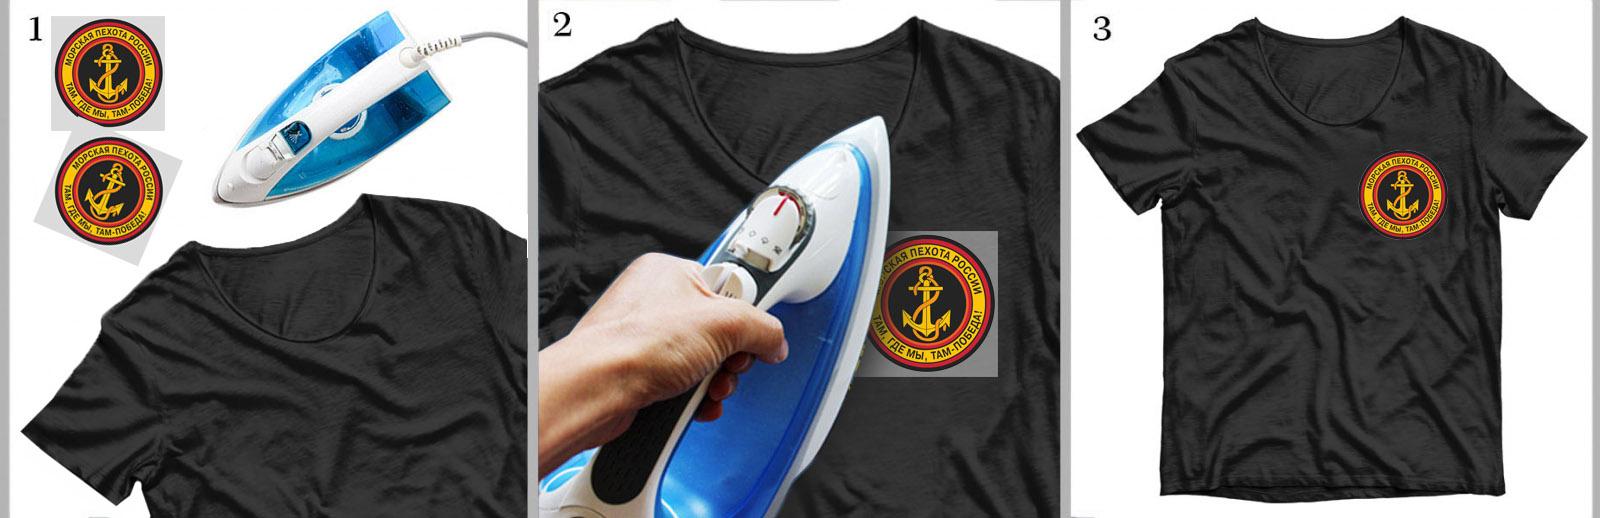 Самая подходящая футболка для морпехов